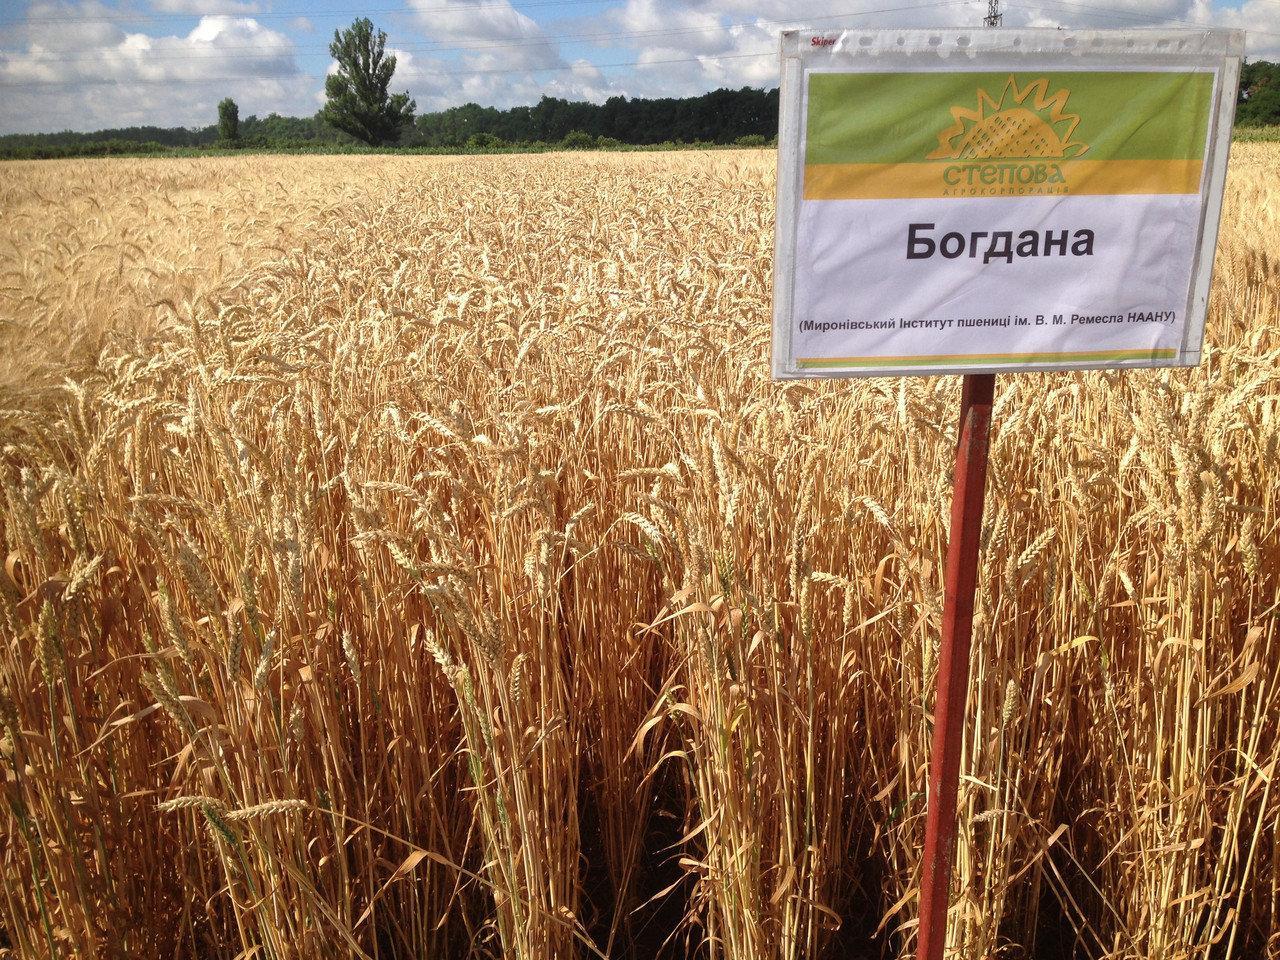 Насіння озимої пшениці Богдана (еліта)